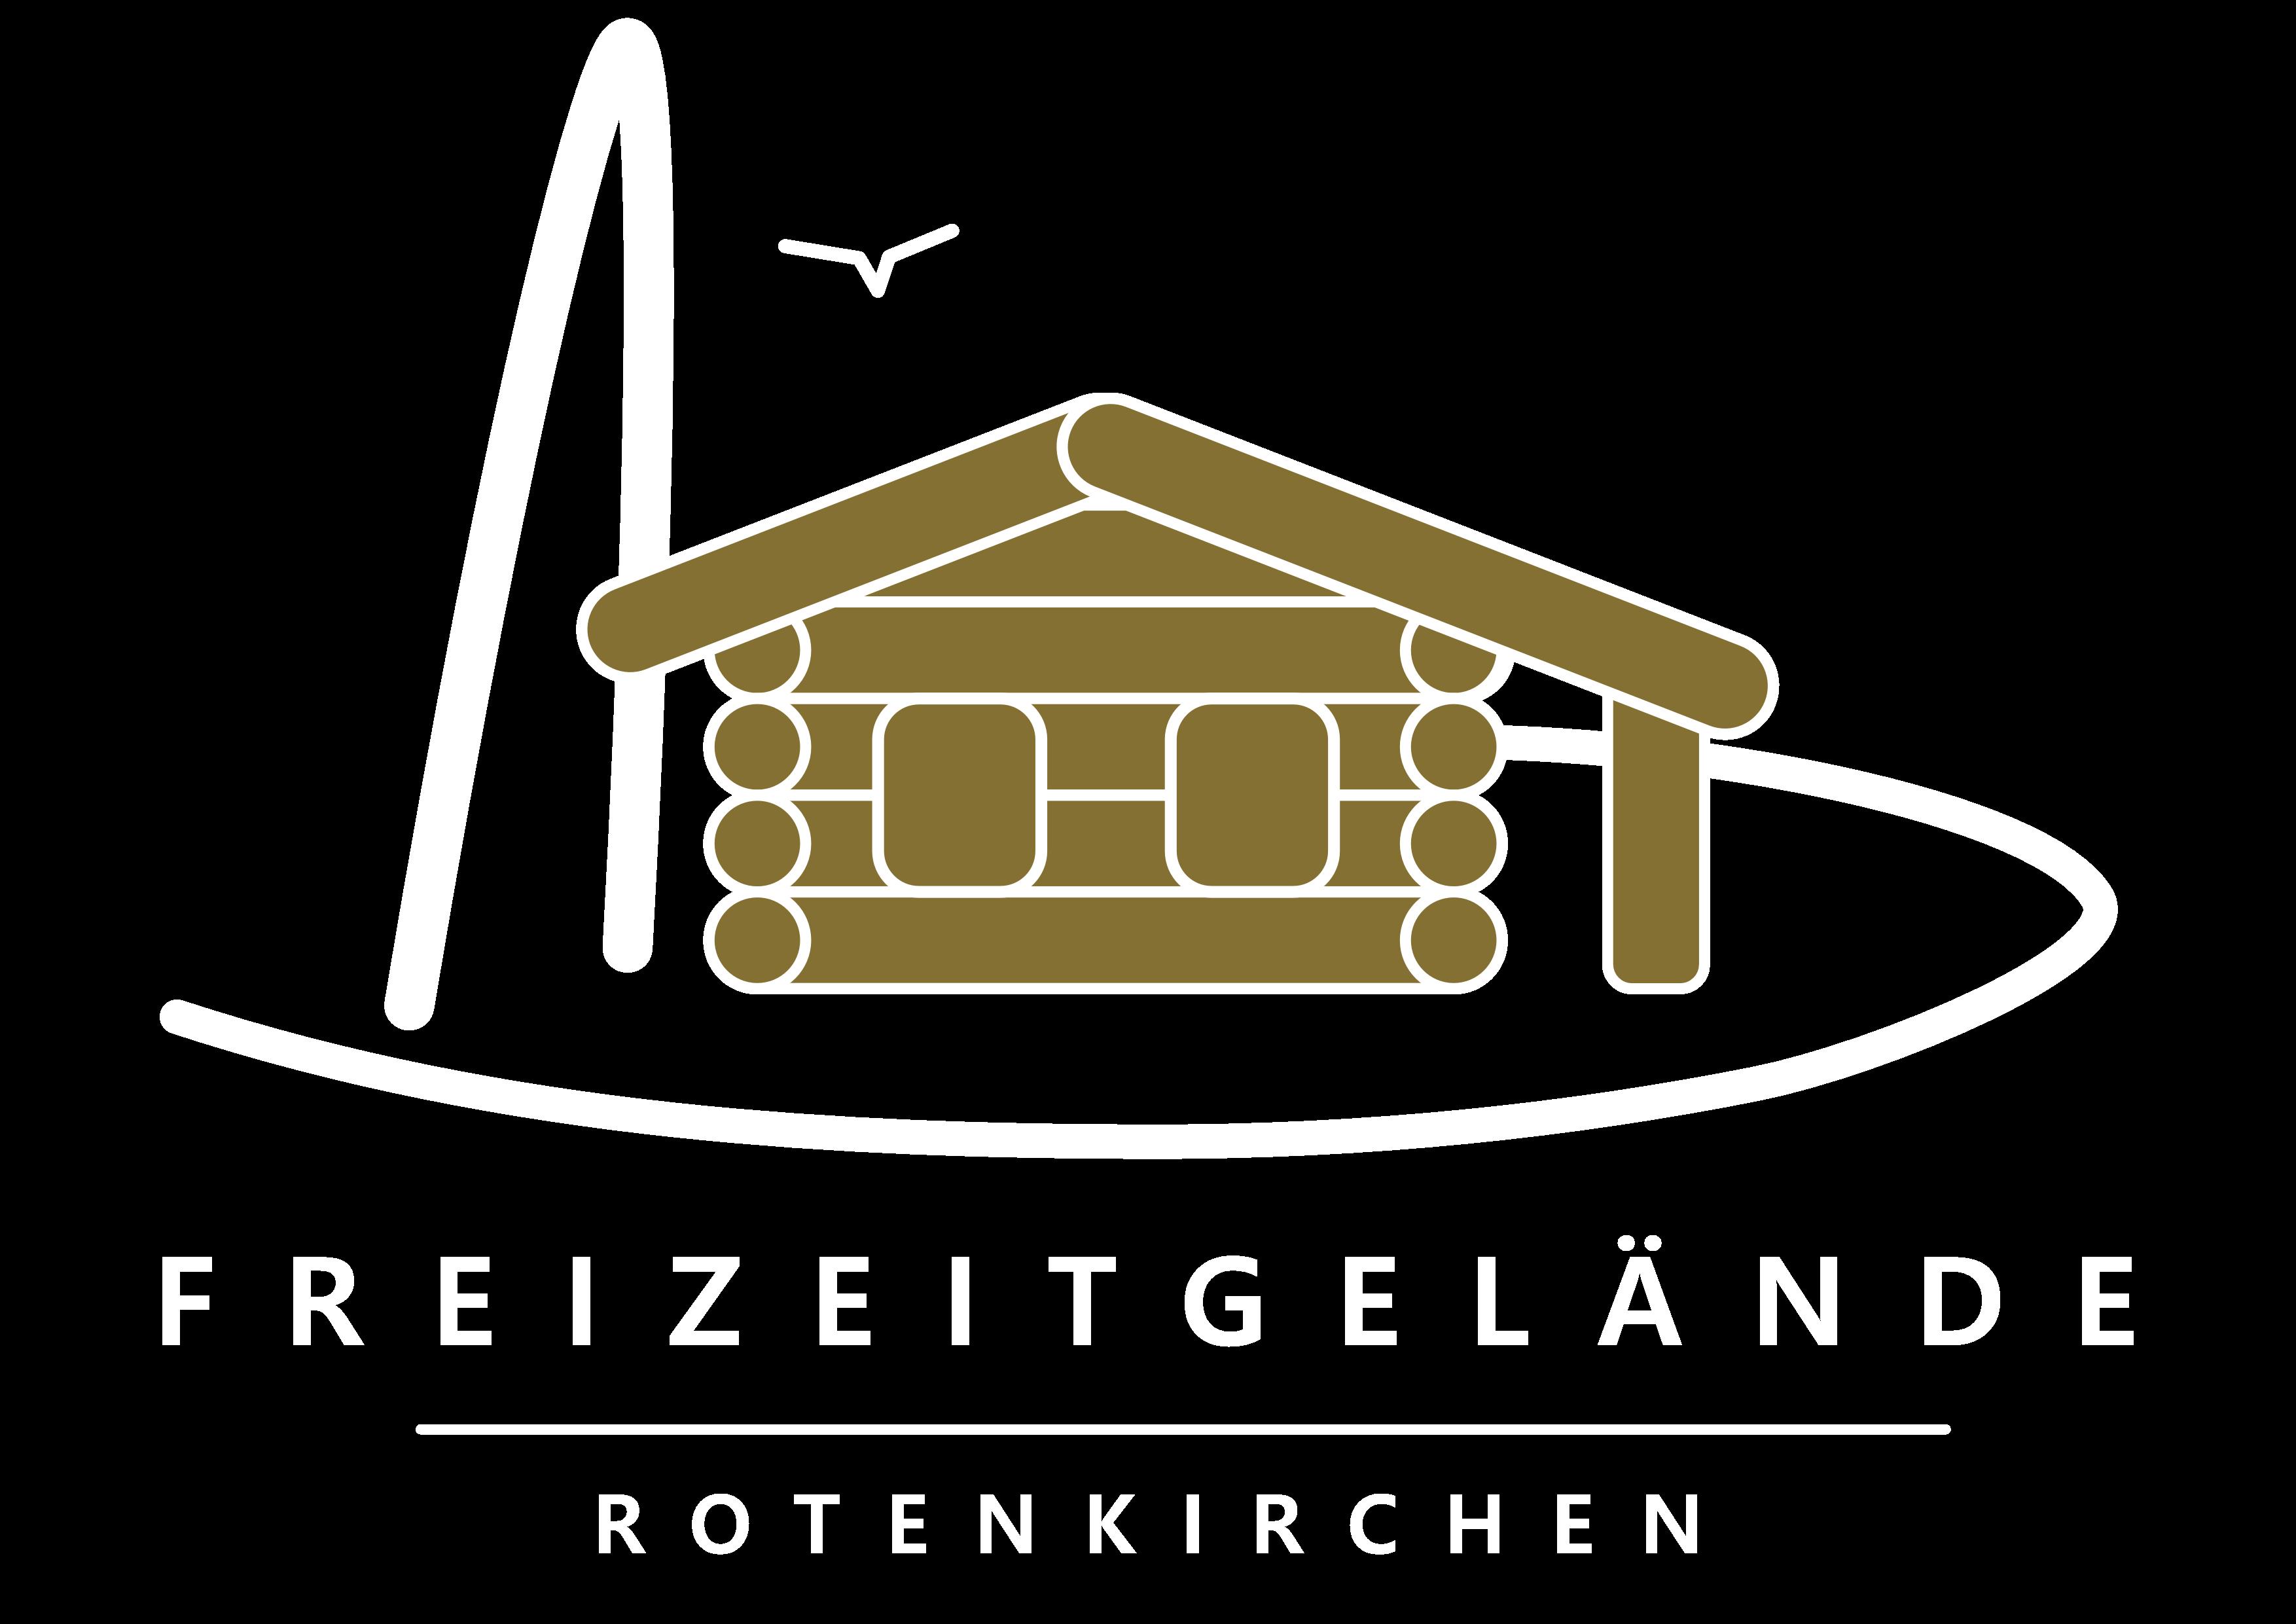 Trägerverein Freizeitgelände Rotenkirchen e.V.